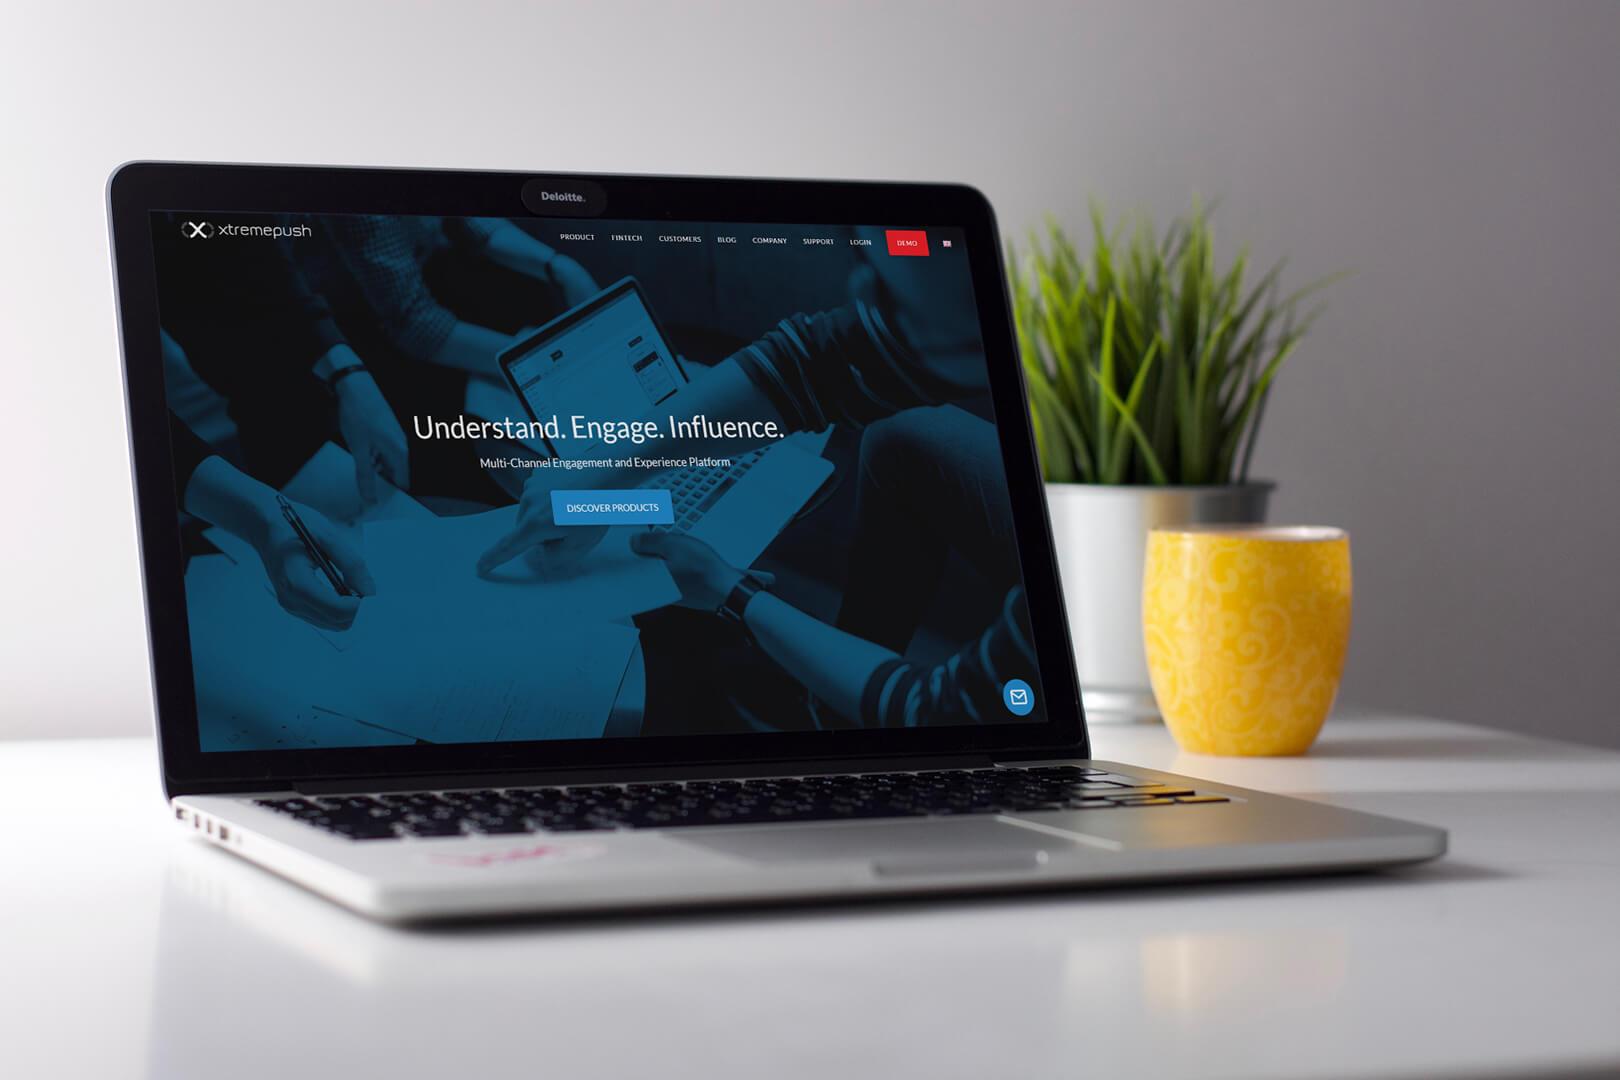 Xtremepush homepage